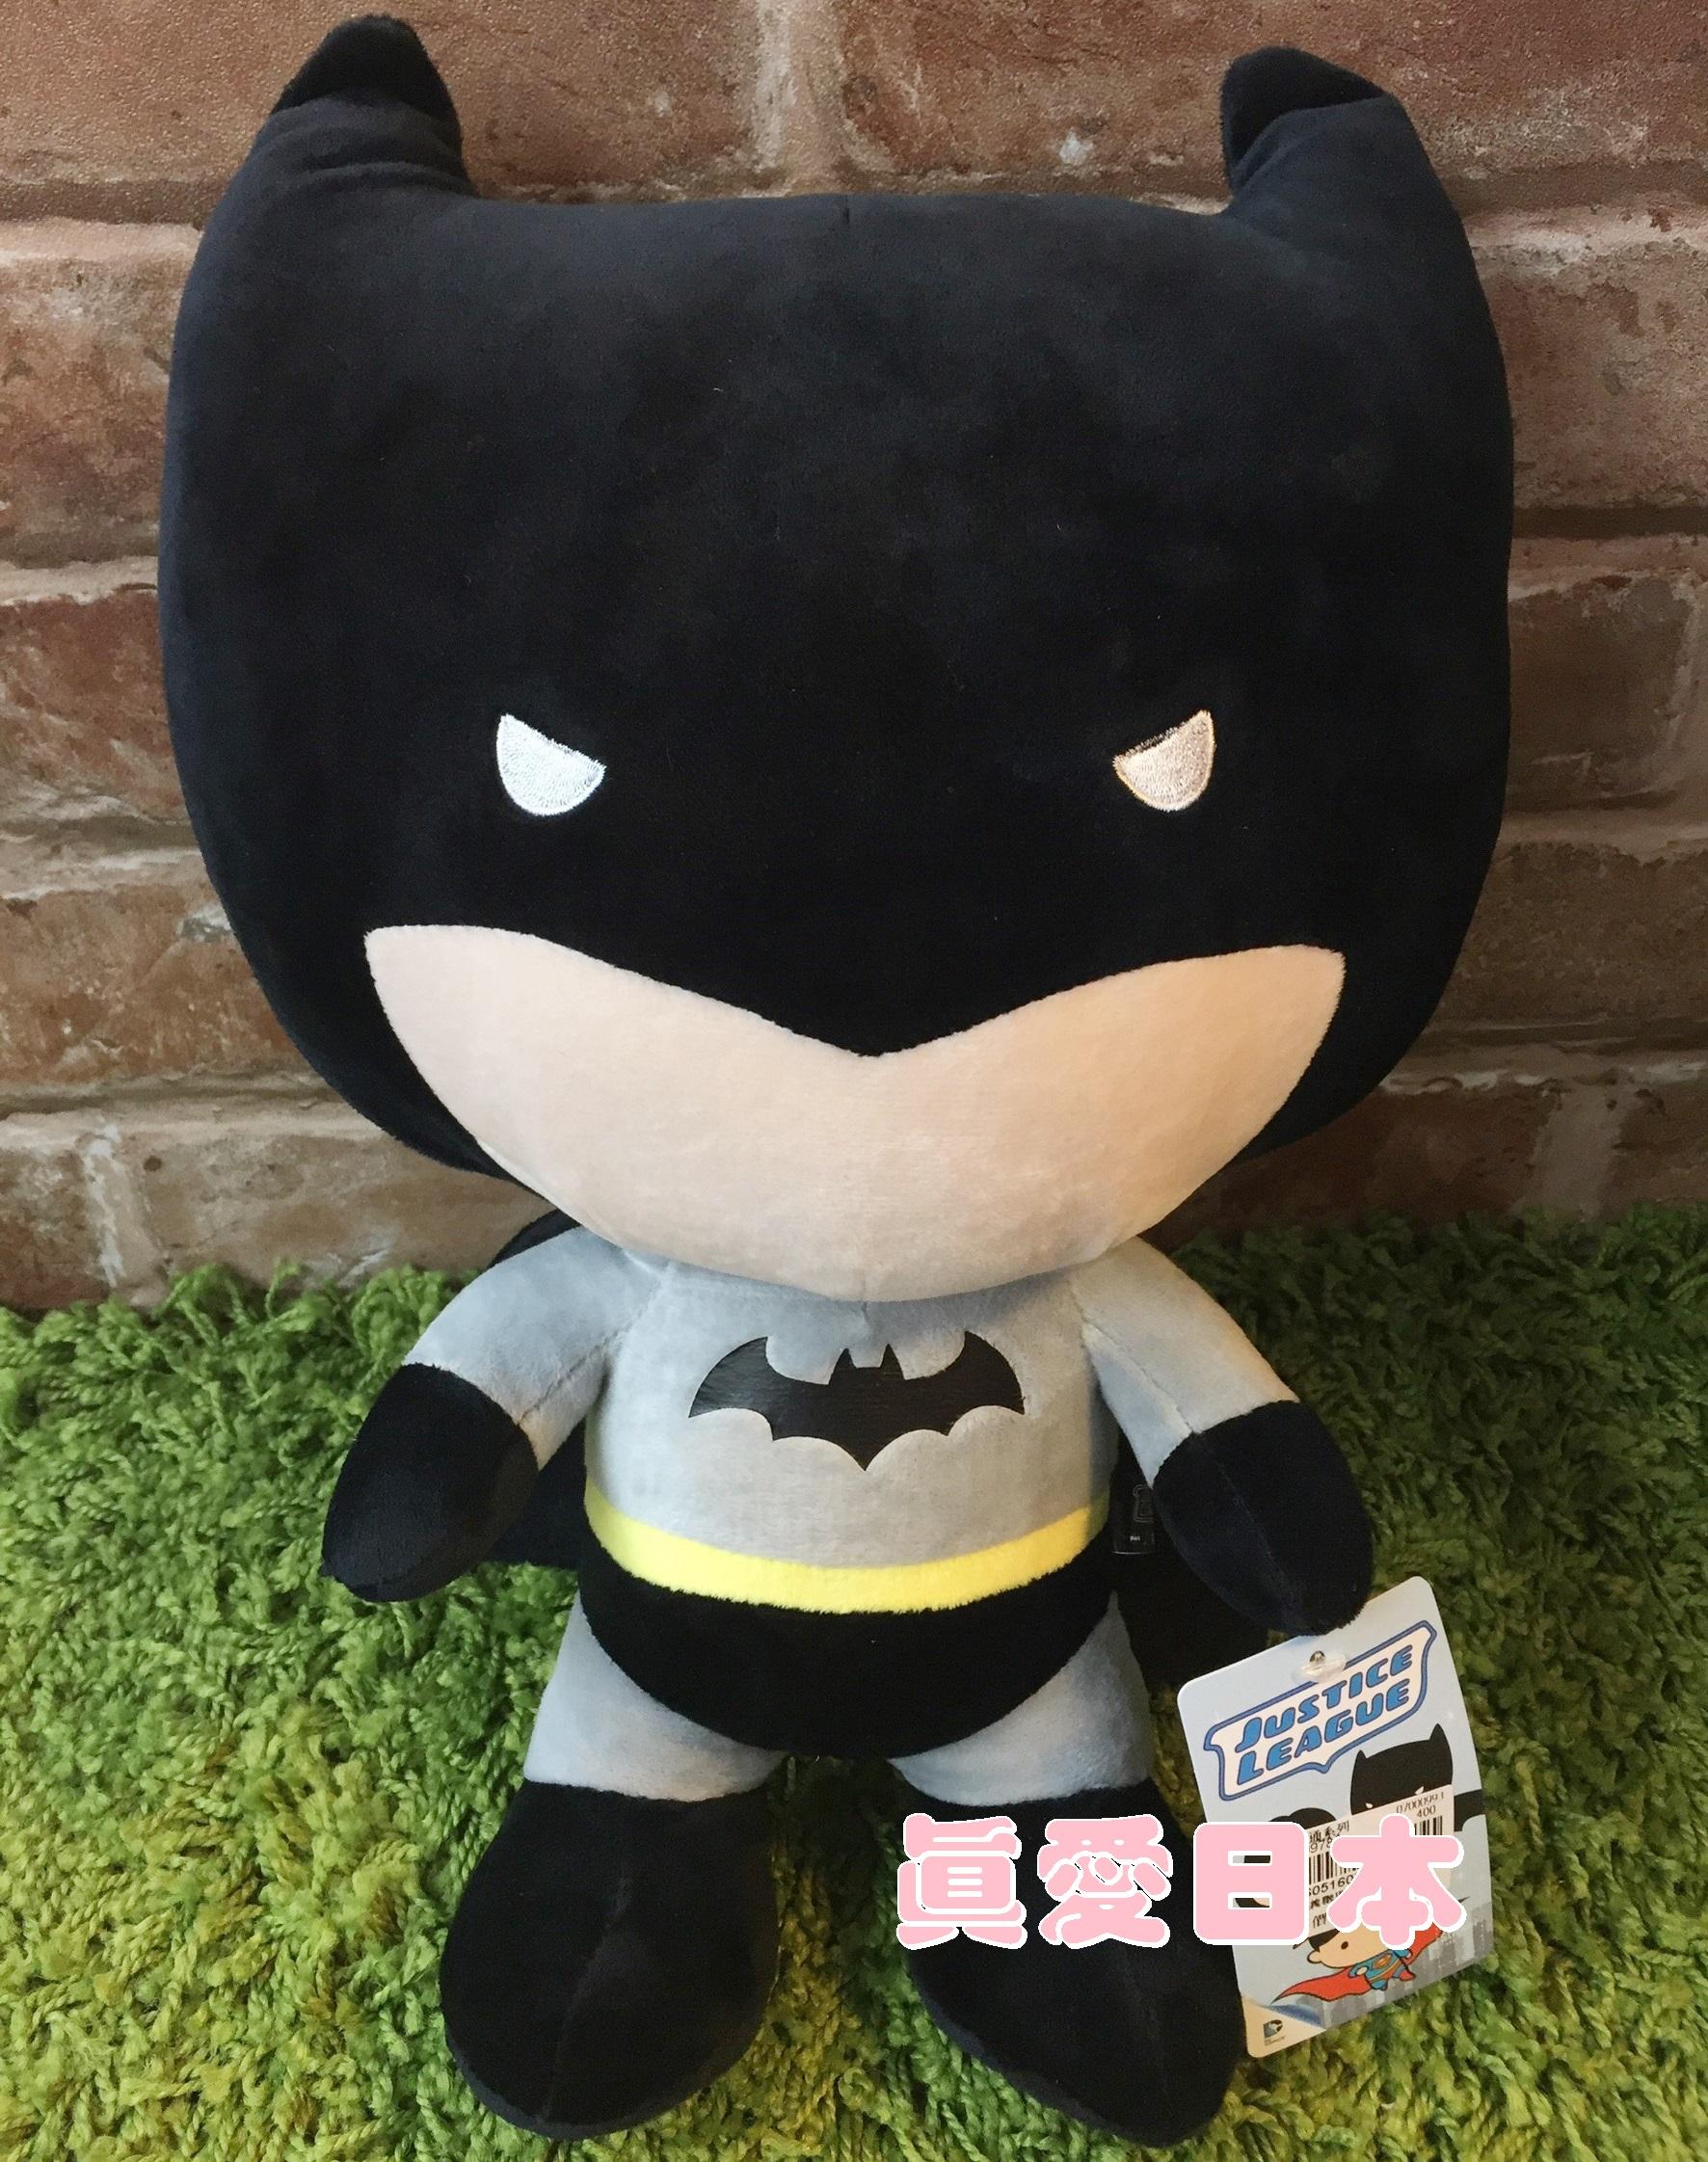 【真愛日本】16051600002 正義聯盟-Q版35CM蝙蝠俠 蝙蝠俠 超人 正義曙光 娃娃 抱枕 Batman